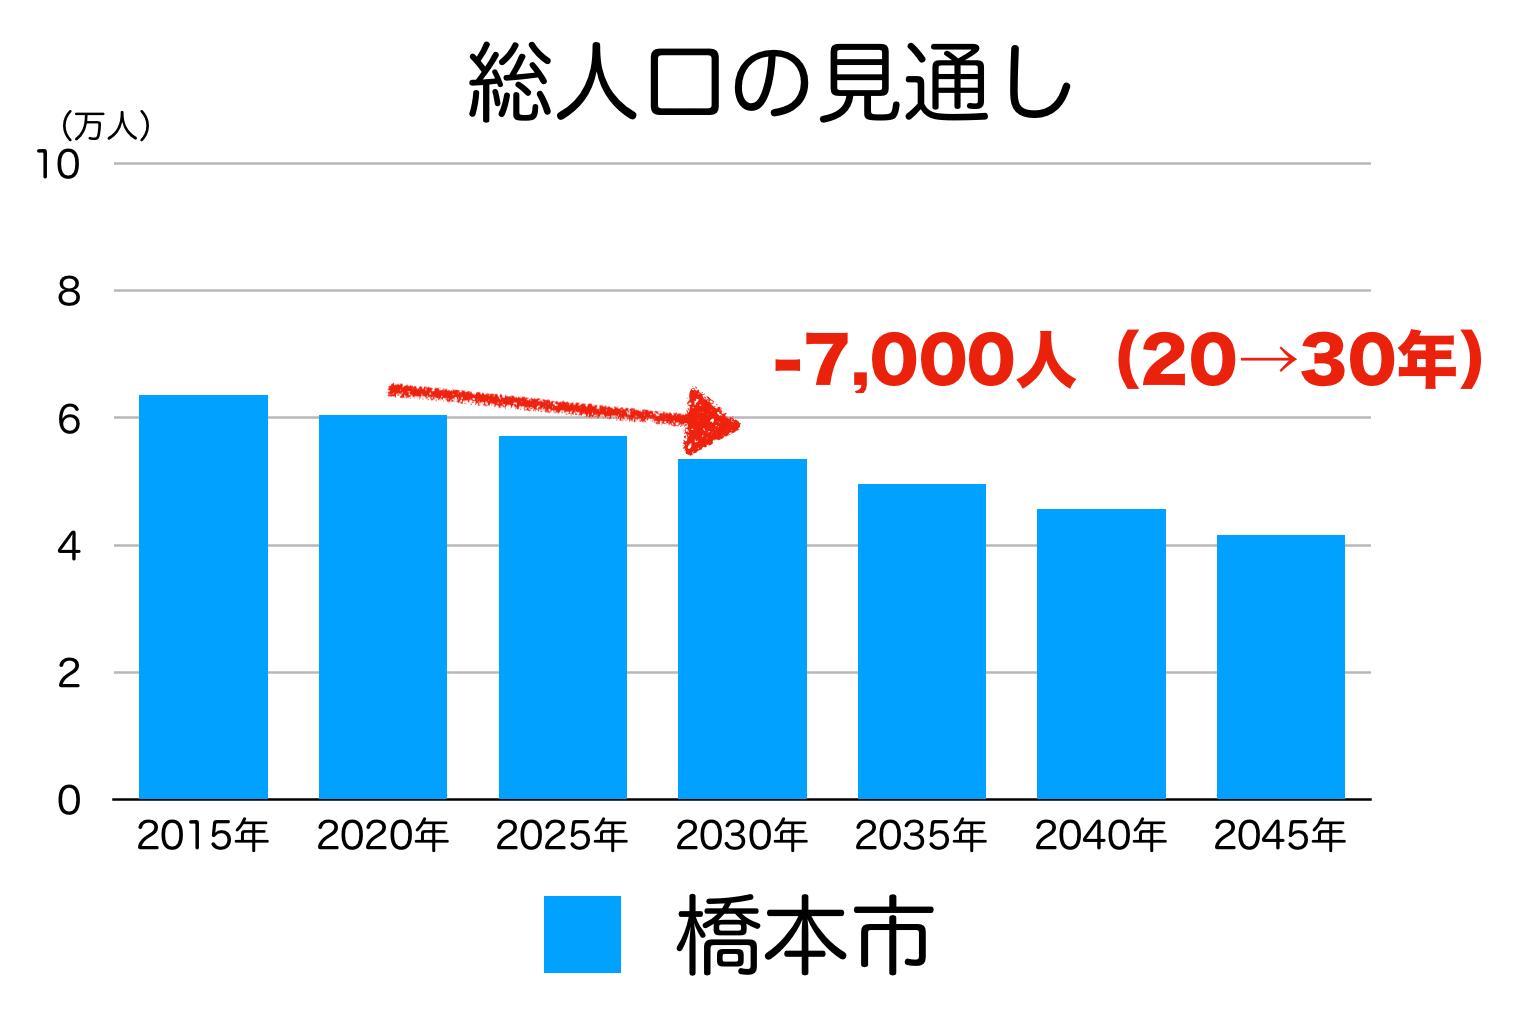 橋本市の人口予測